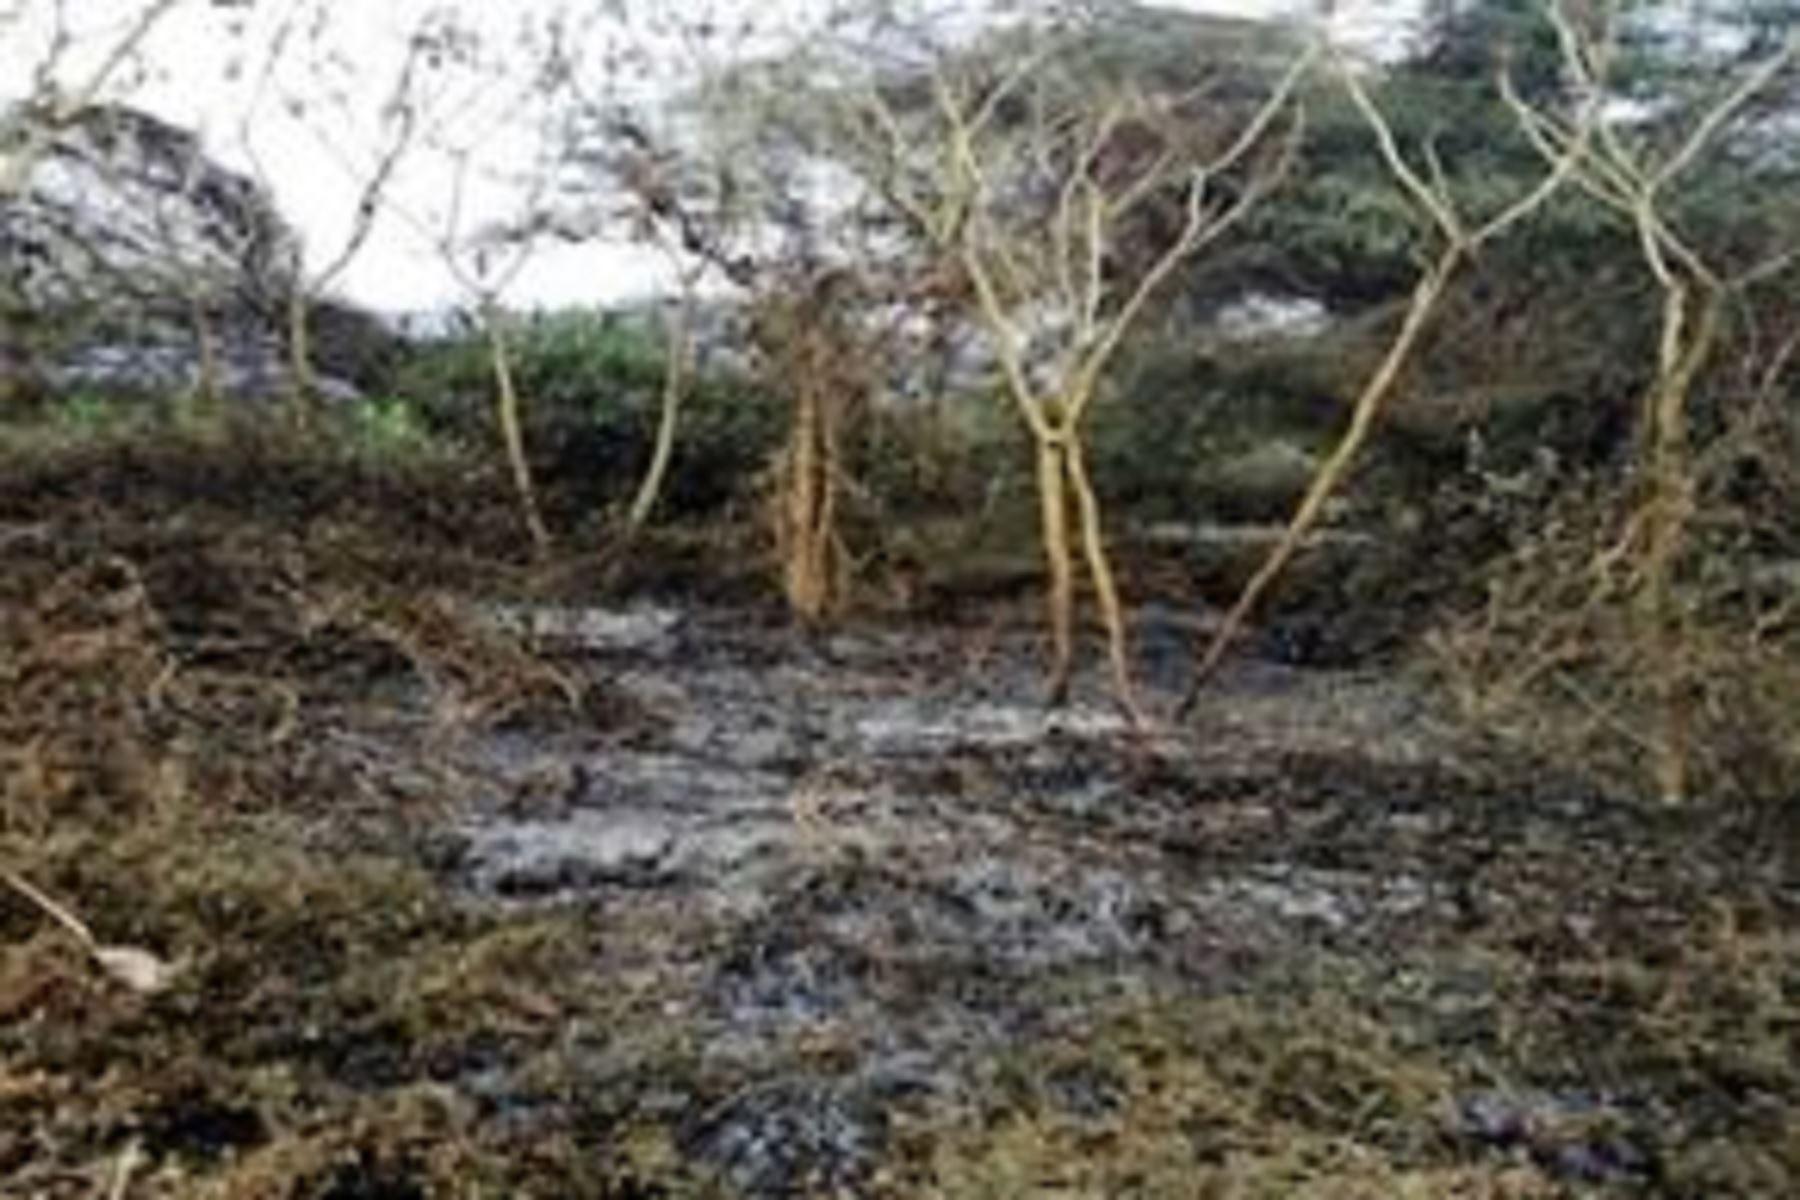 El fuego causó daños en dos hectáreas de cobertura natural.